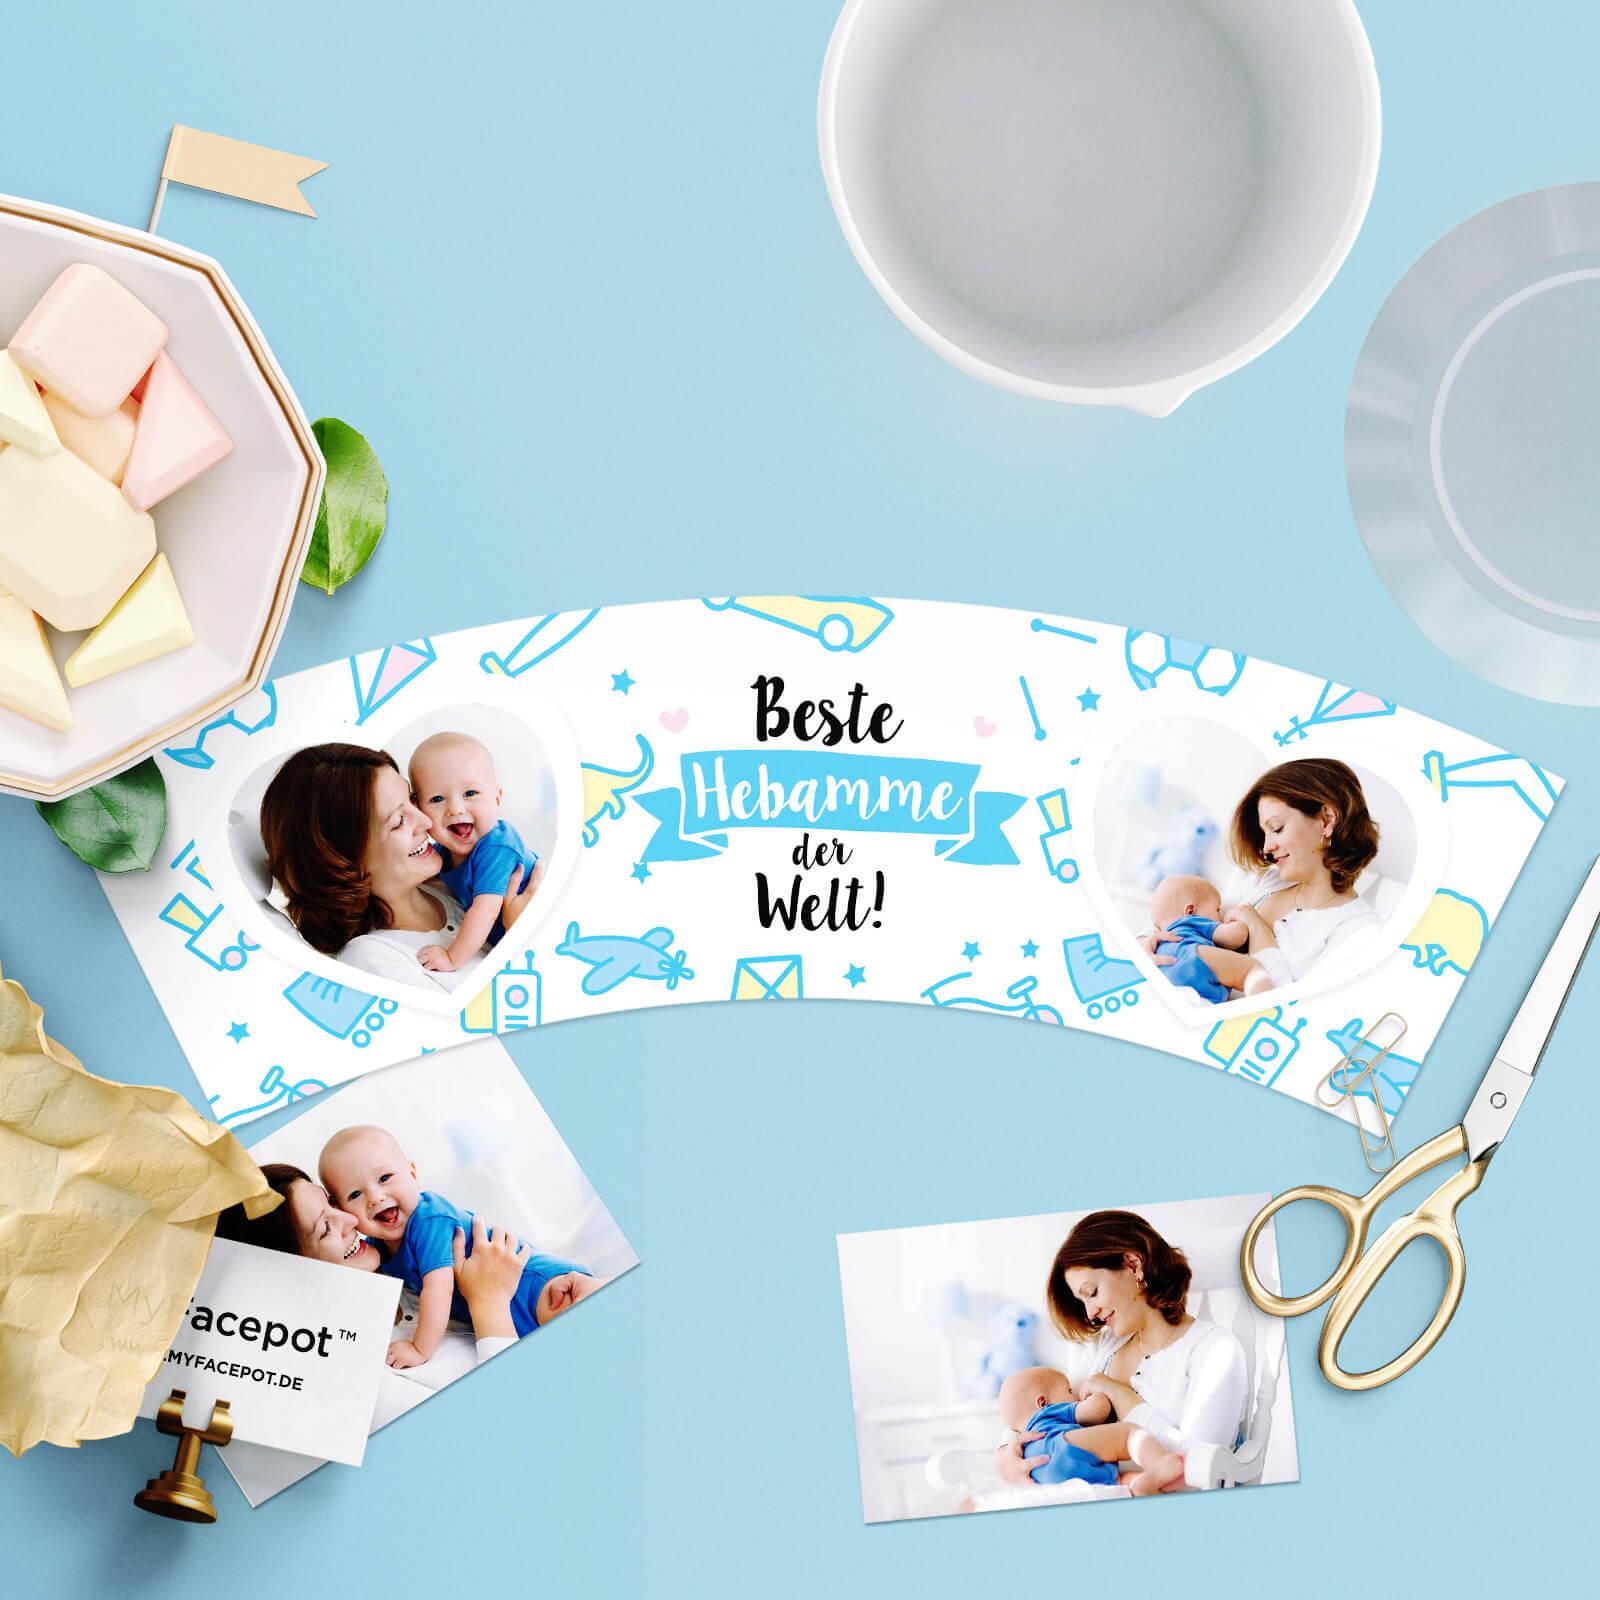 Geschenk für Hebamme nach Geburt von Junge